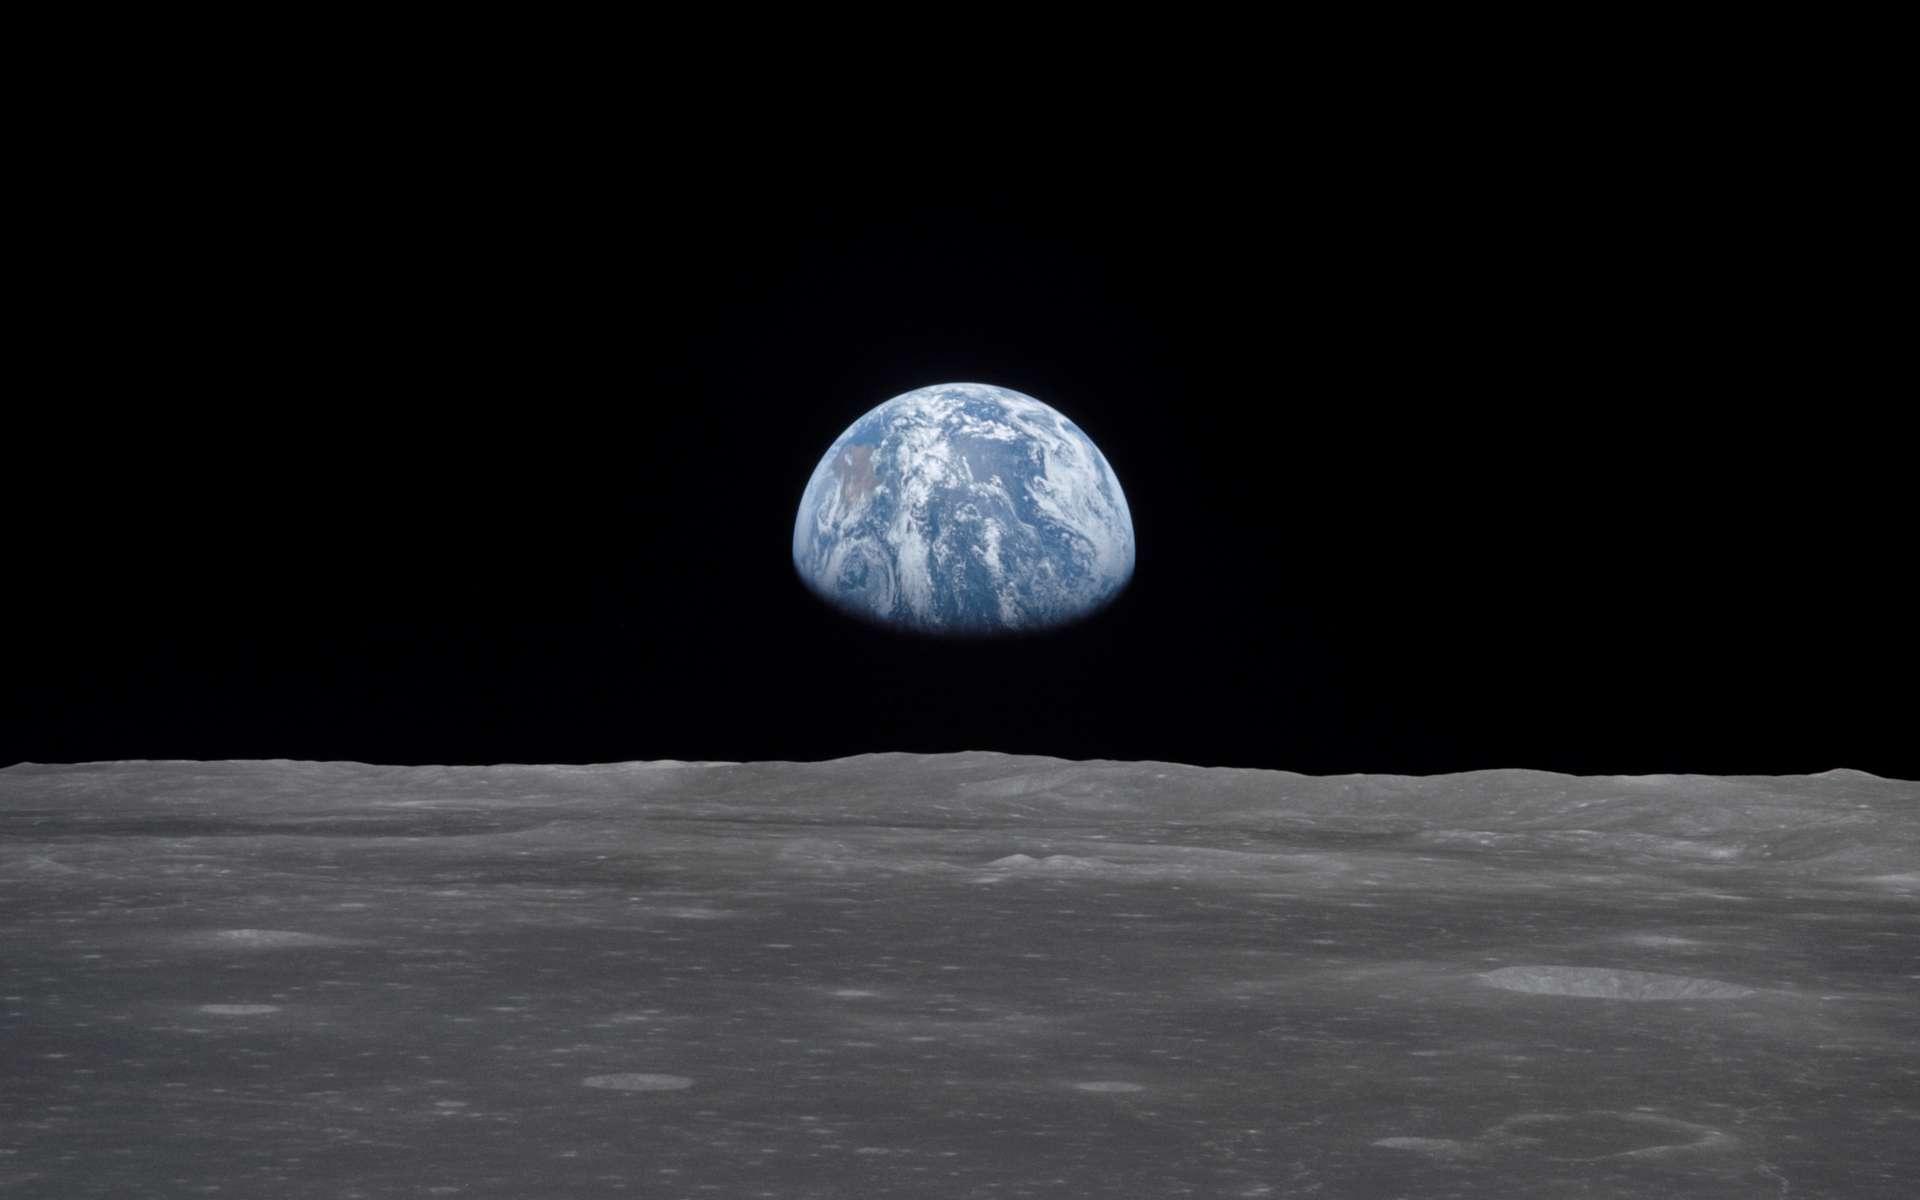 La Terre vue de la Lune. Photo prise depuis le vaisseau Apollo 11 le 20 juillet 1969. © Nasa